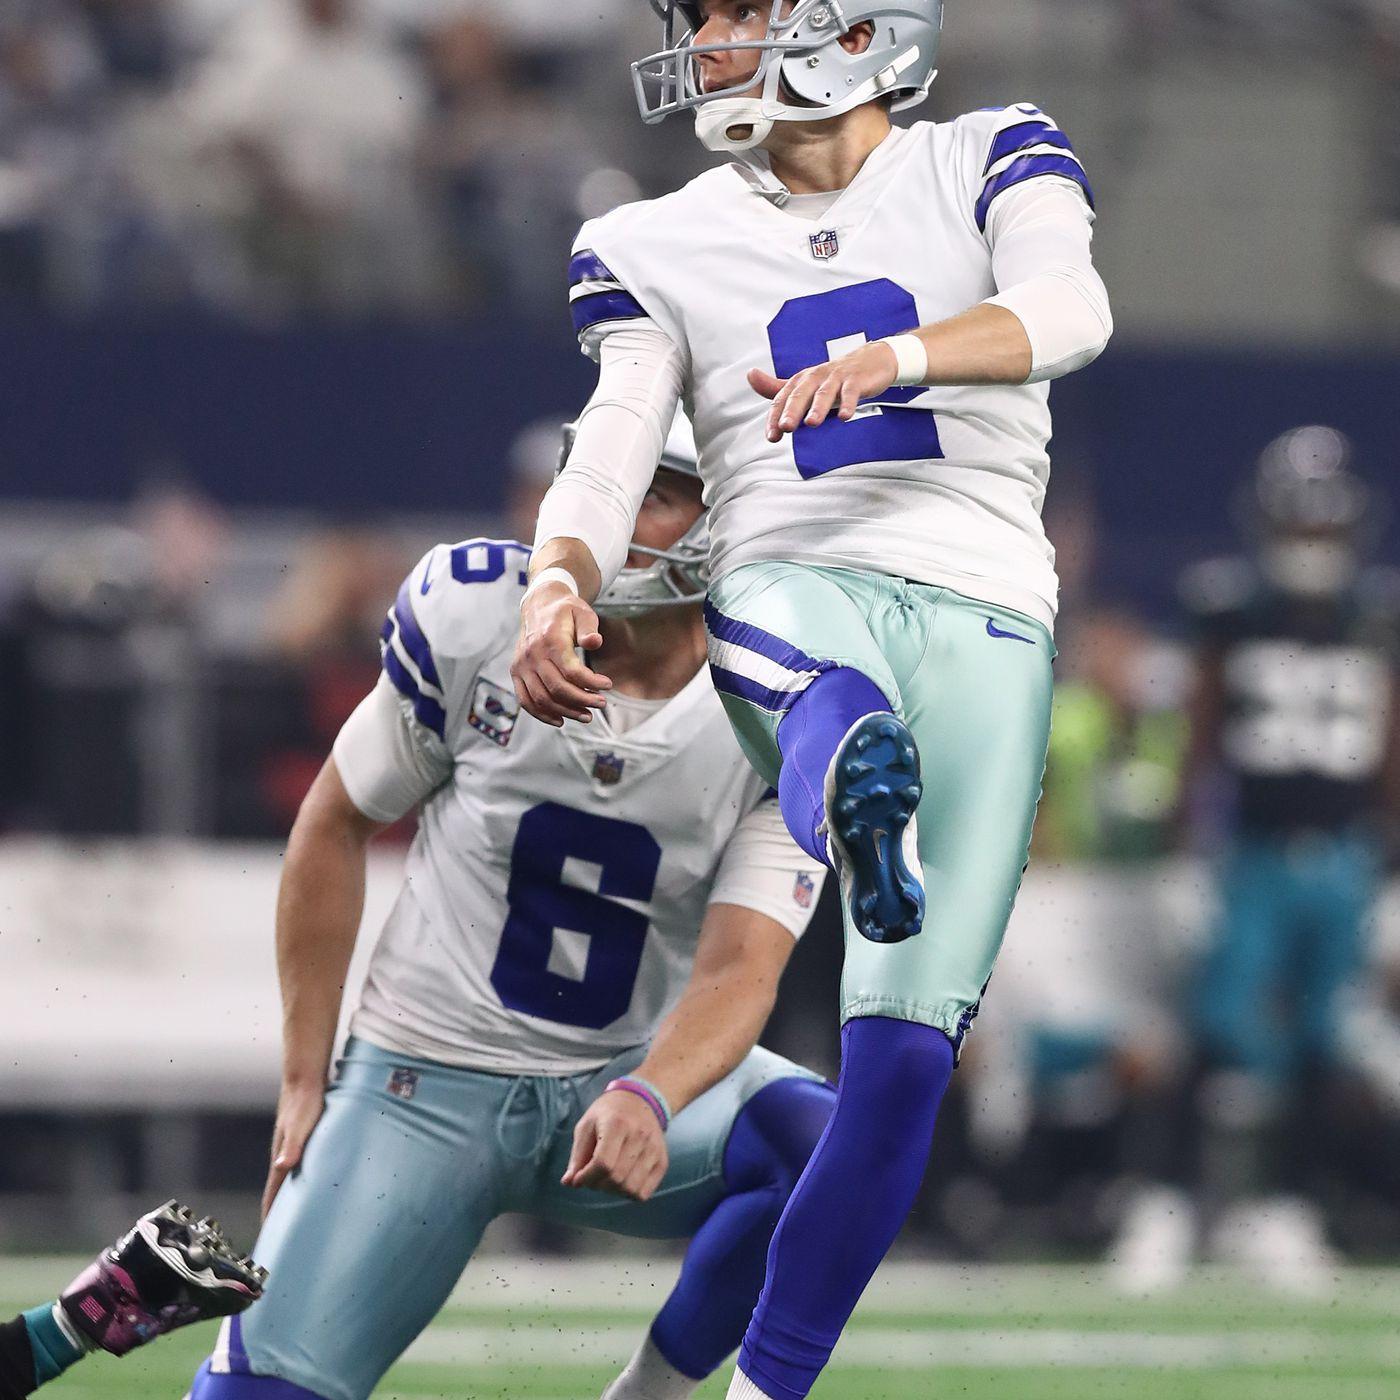 5820d5ddf66 Cowboys vs. Washington  Rare penalty costs Dallas a shot at NFC East lead -  SBNation.com